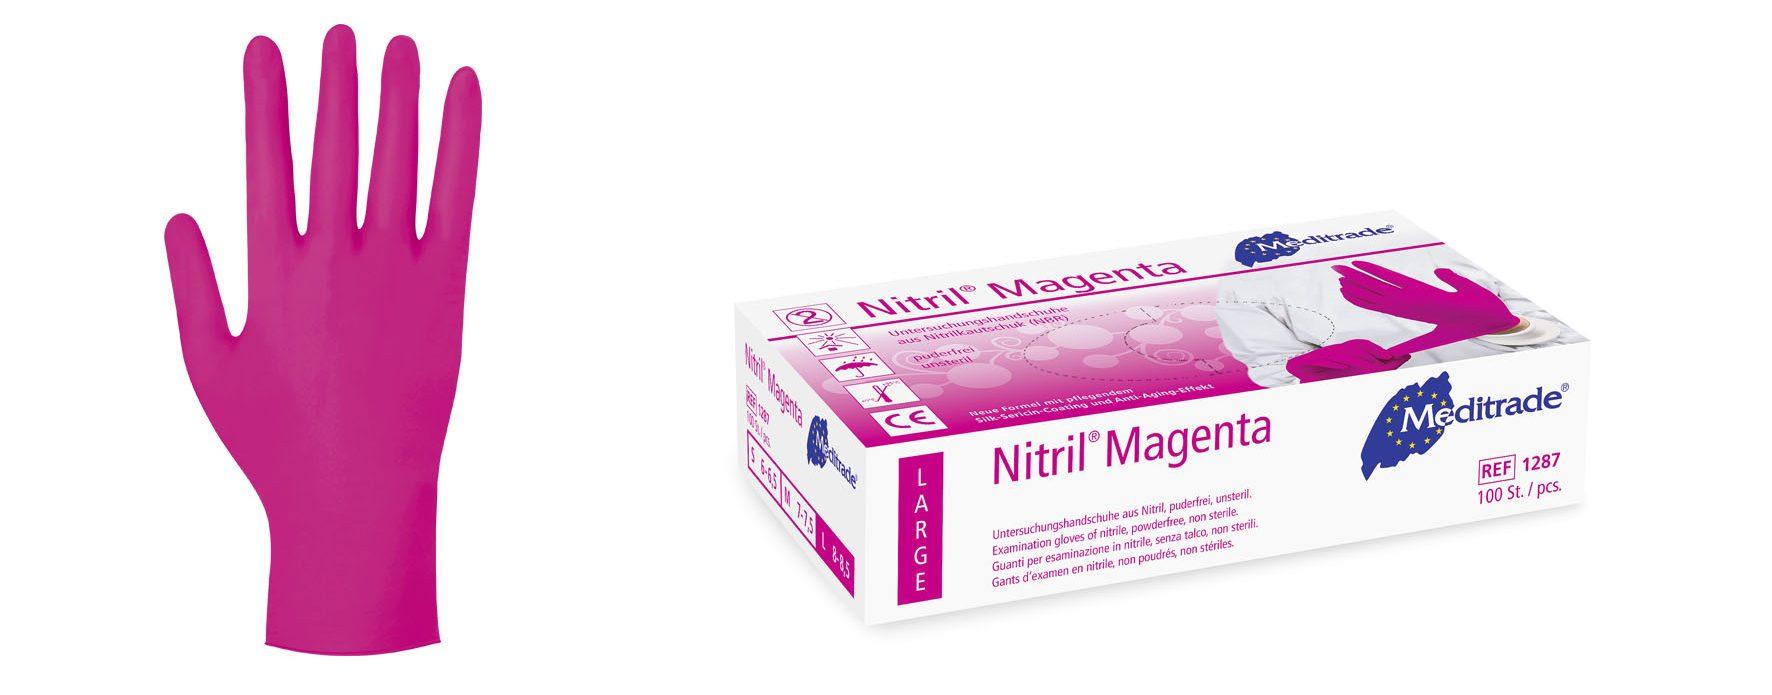 Meditrade Nitril Magenta | Nitril Handschuhe | 100 Stück | Größe S